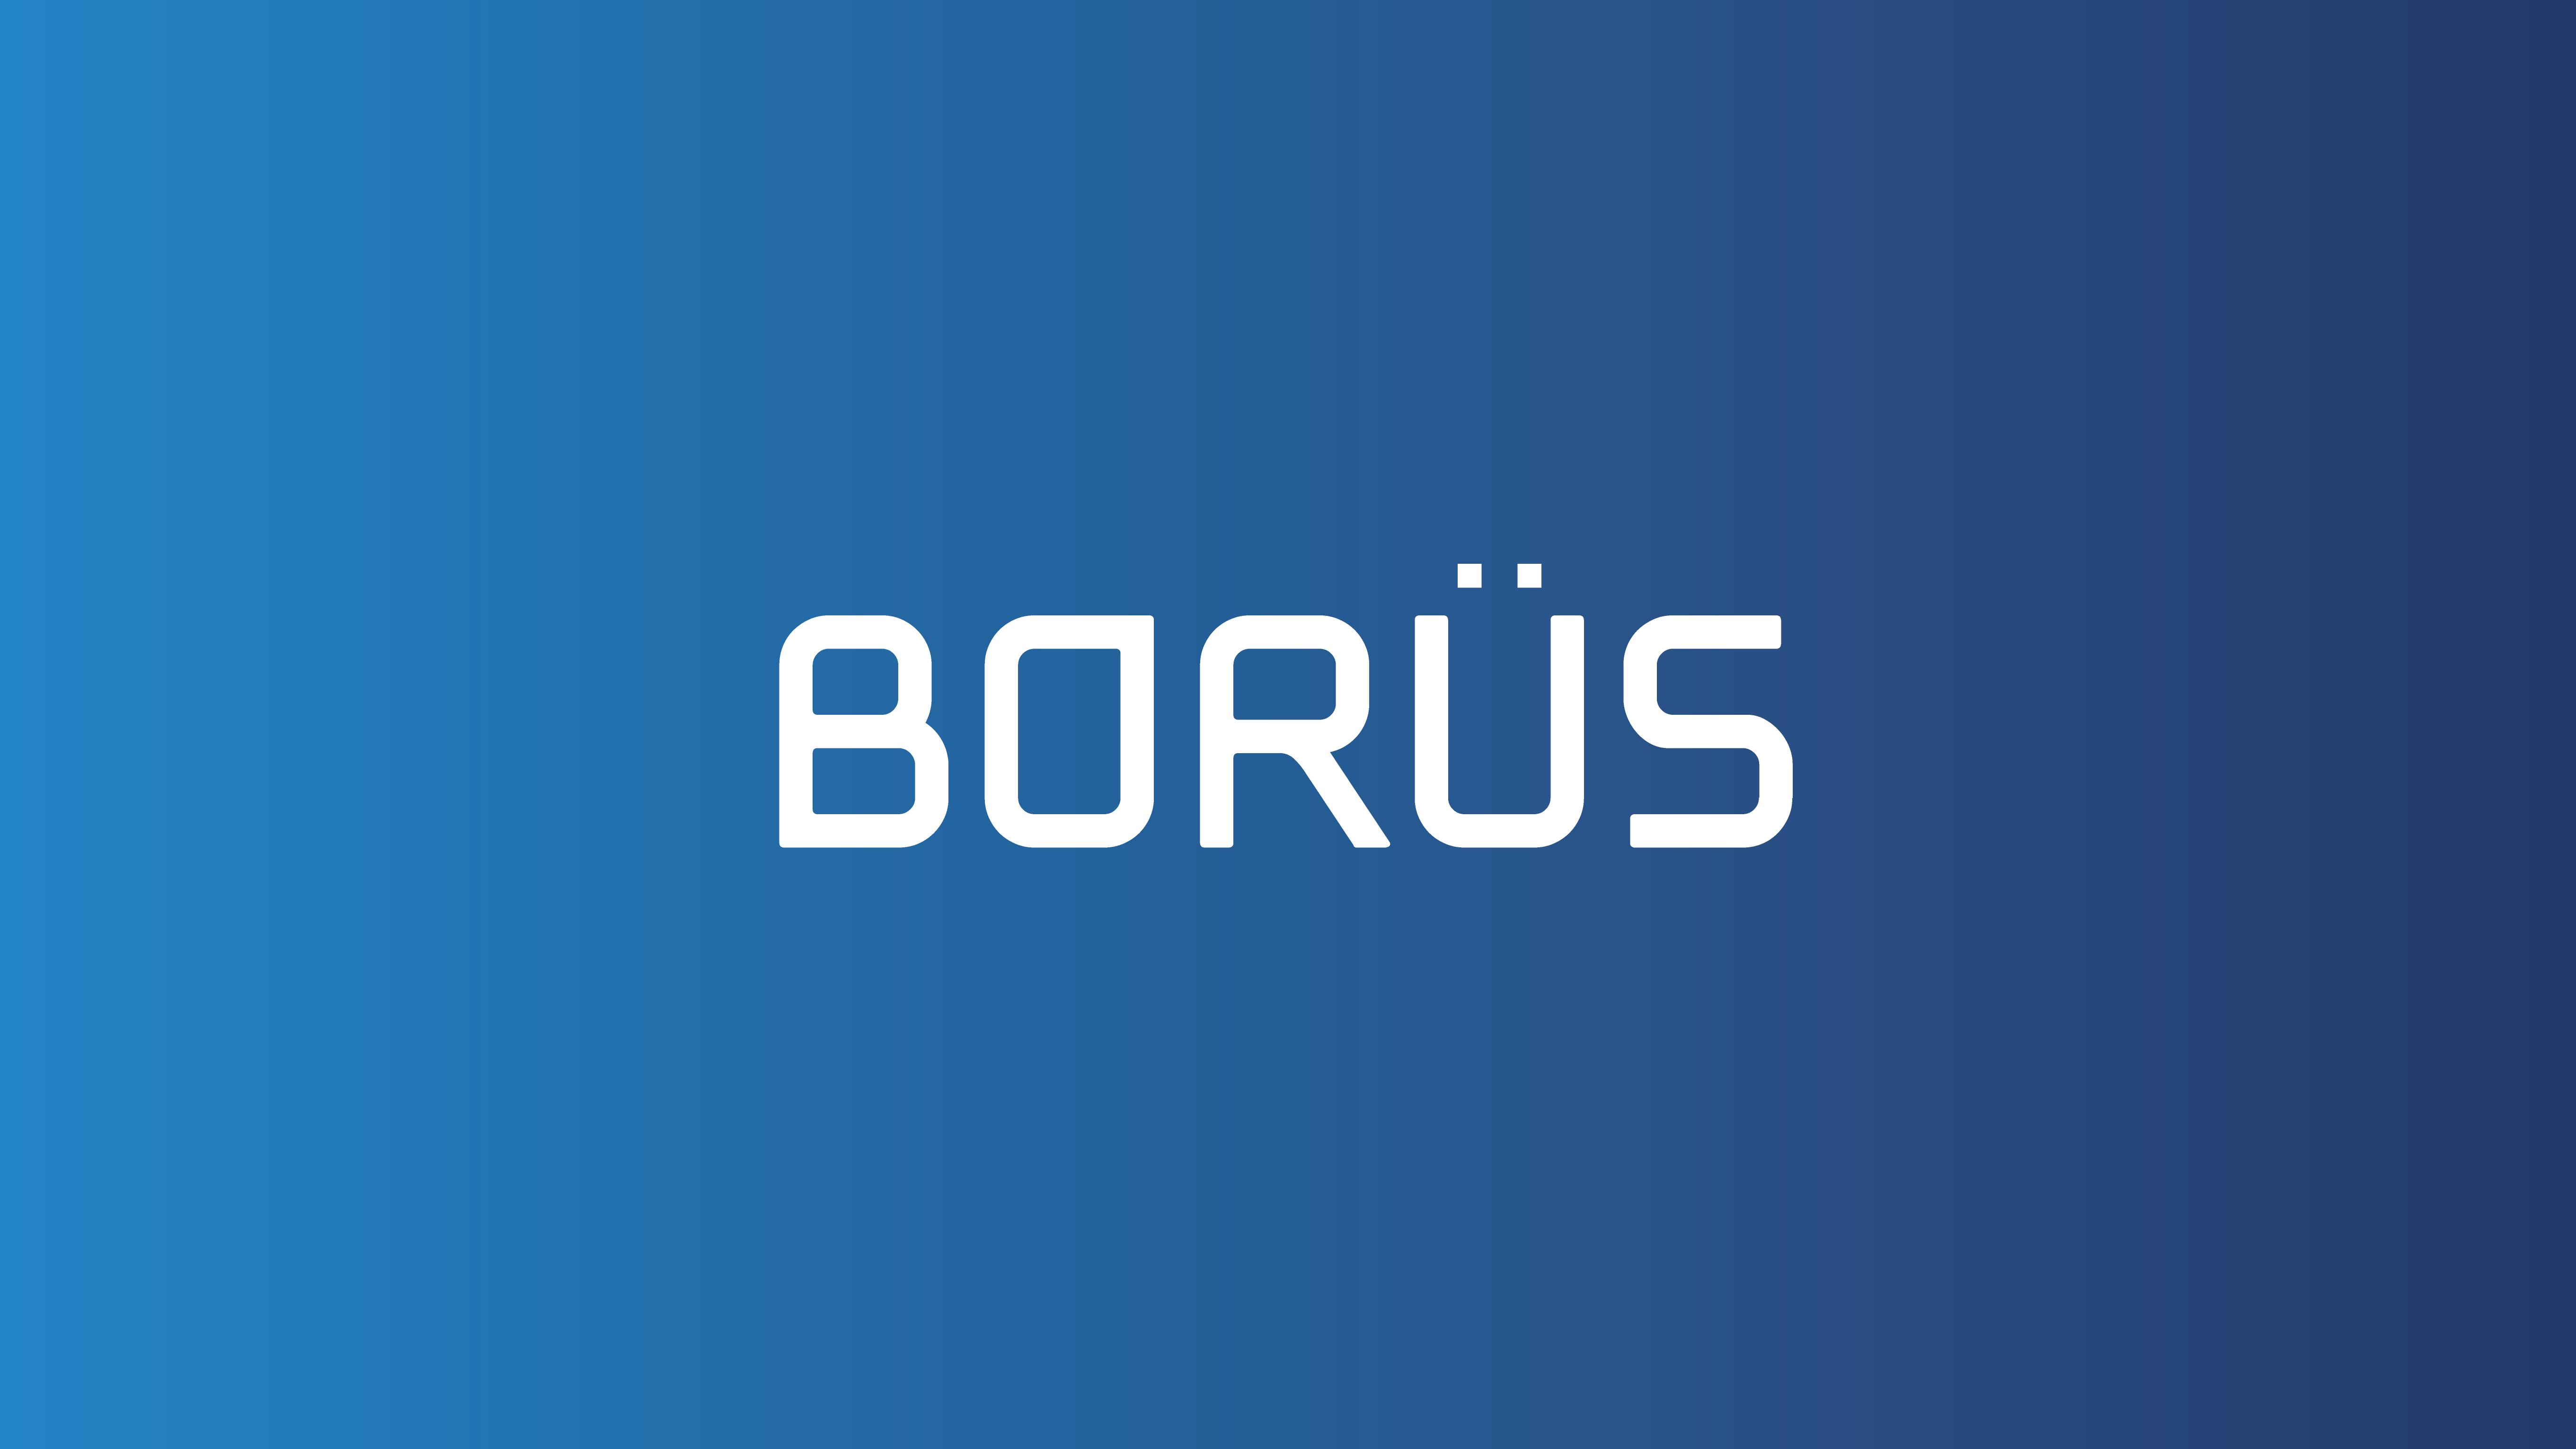 BORUS